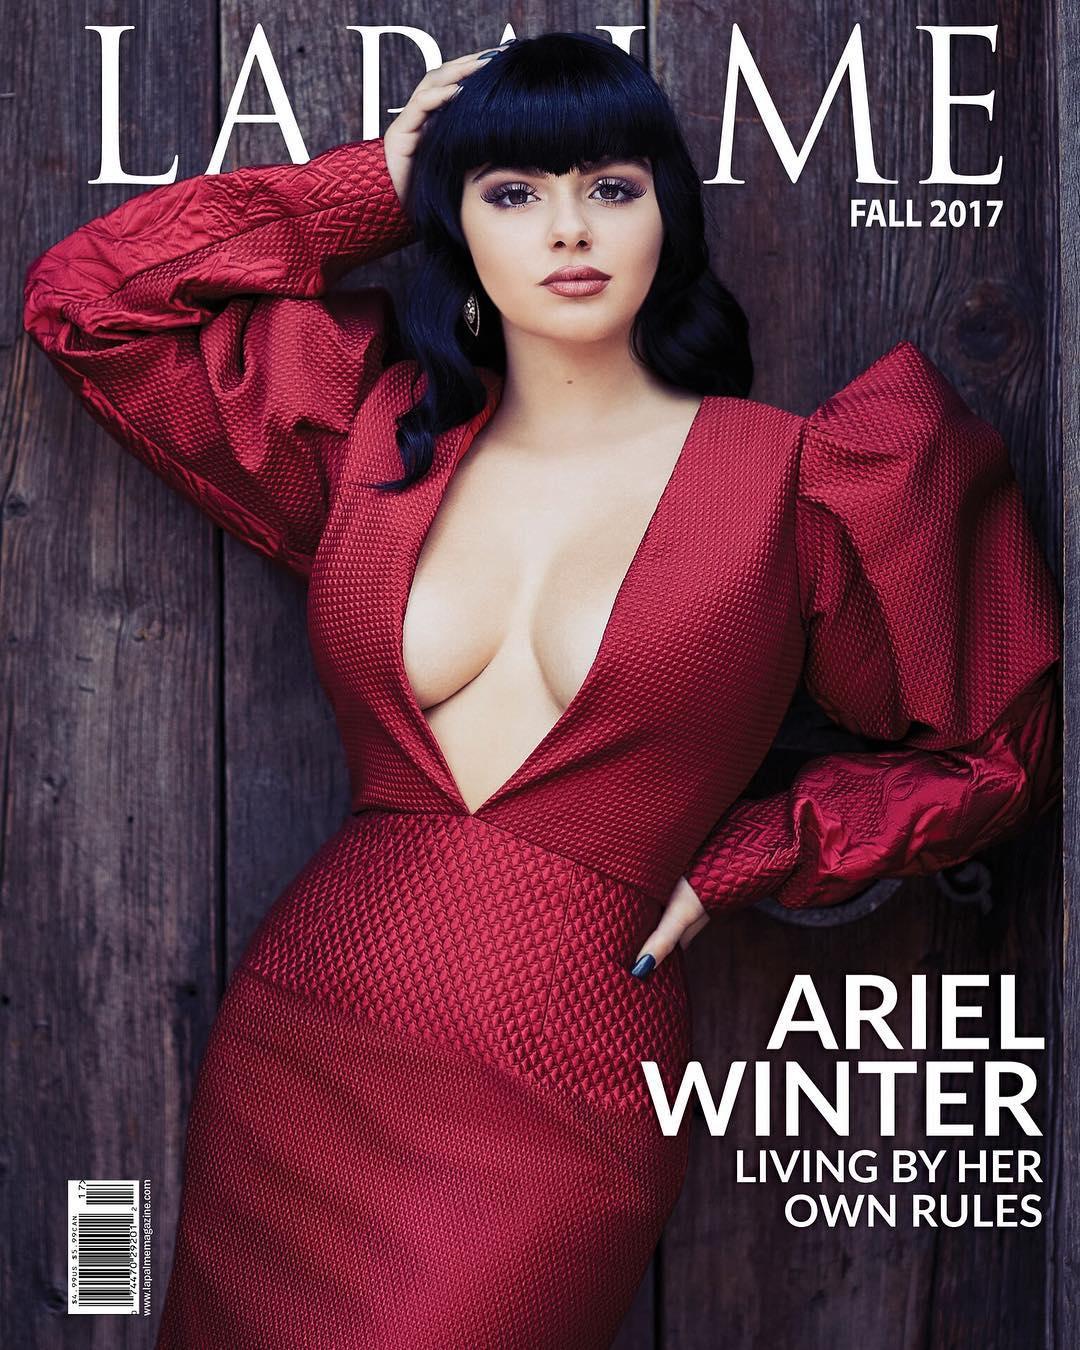 La transformación de estilo de la joven actriz Ariel Winter